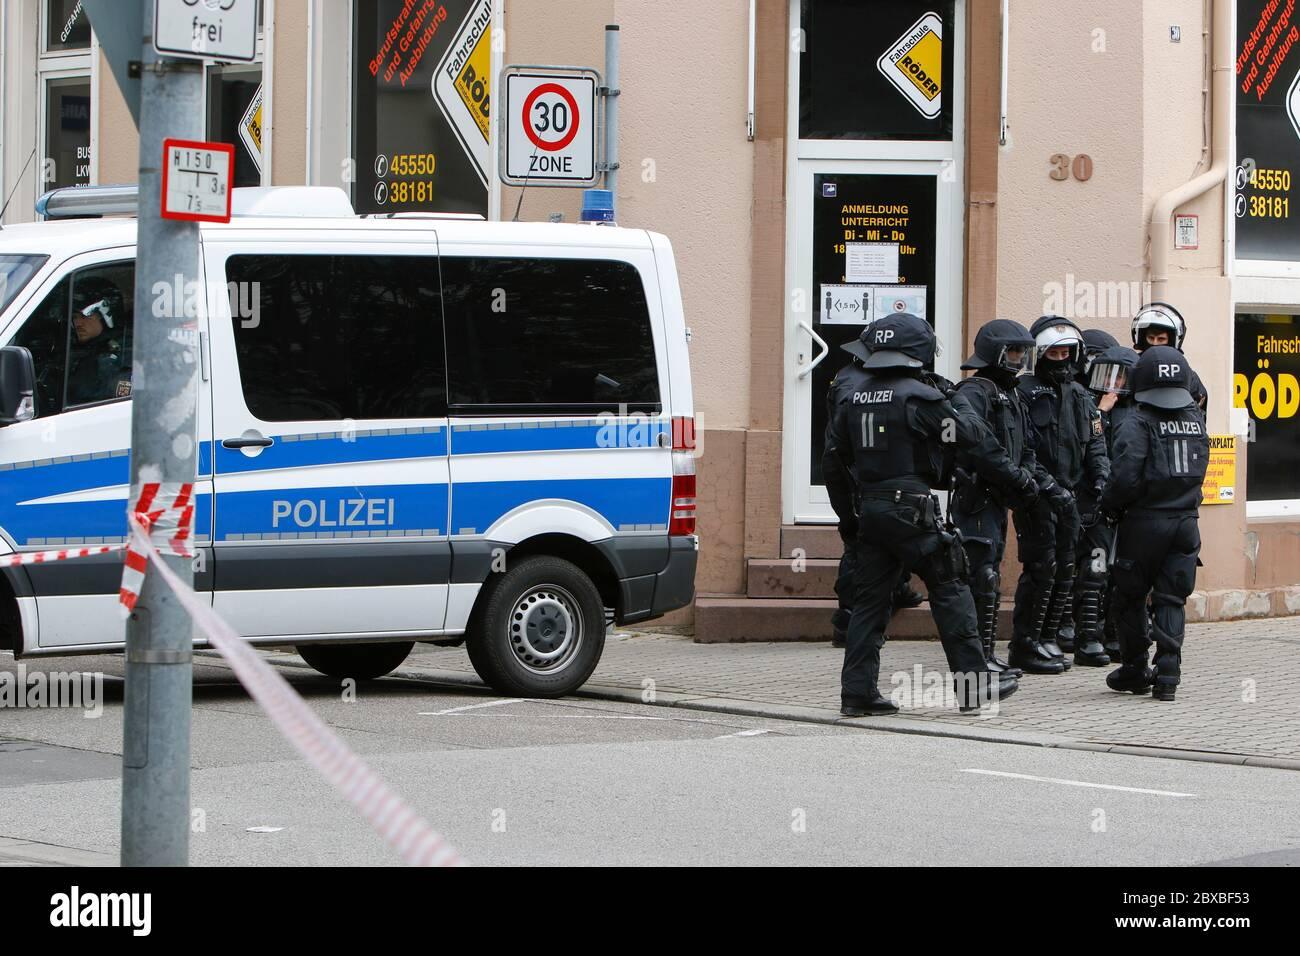 Worm, Germania. 6 giugno 2020. La polizia mostra una forte presenza nel centro della città di Worms. Circa 50 manifestanti di destra hanno marciato attraverso il centro di Worms per il 12. E l'ultimo 'giorno del futuro tedesco'. La marcia è stata ridotta a causa di diverse centinaia di contronestori che hanno bloccato la strada della marcia di destra. la marcia è stata un evento annuale di destra in diverse città tedesche che ha attirato oltre 1000 manifestanti al suo massimo livello. Foto Stock